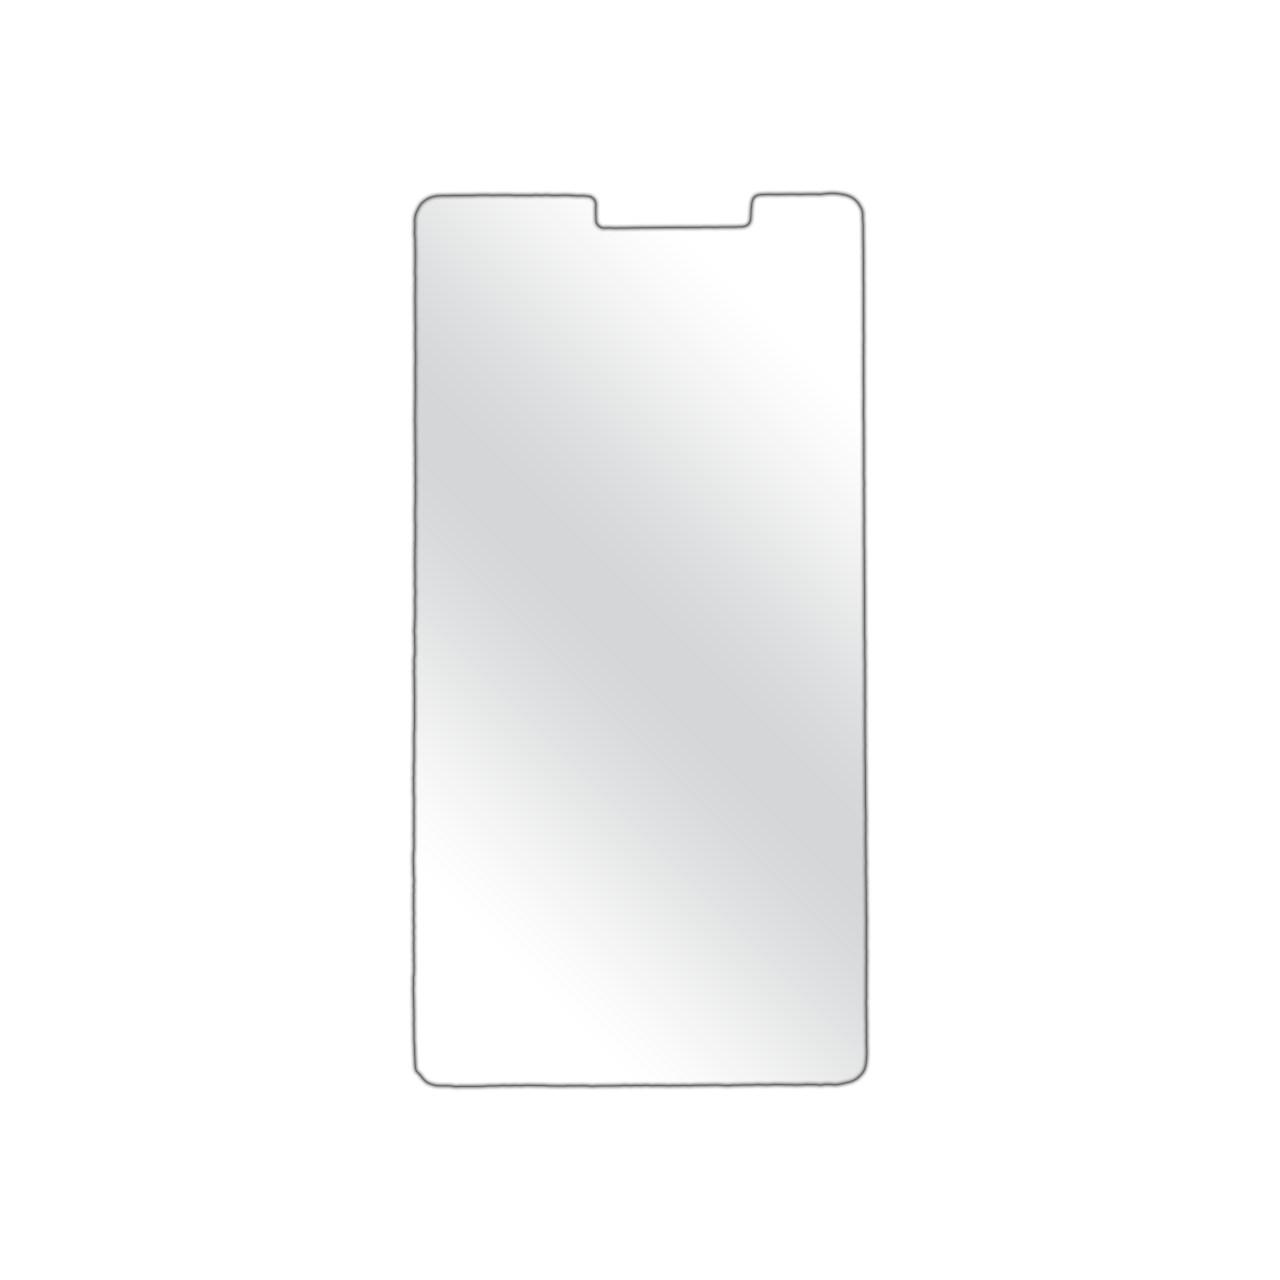 محافظ صفحه نمایش مولتی نانو مناسب برای تبلت لنوو تب 2 / 650